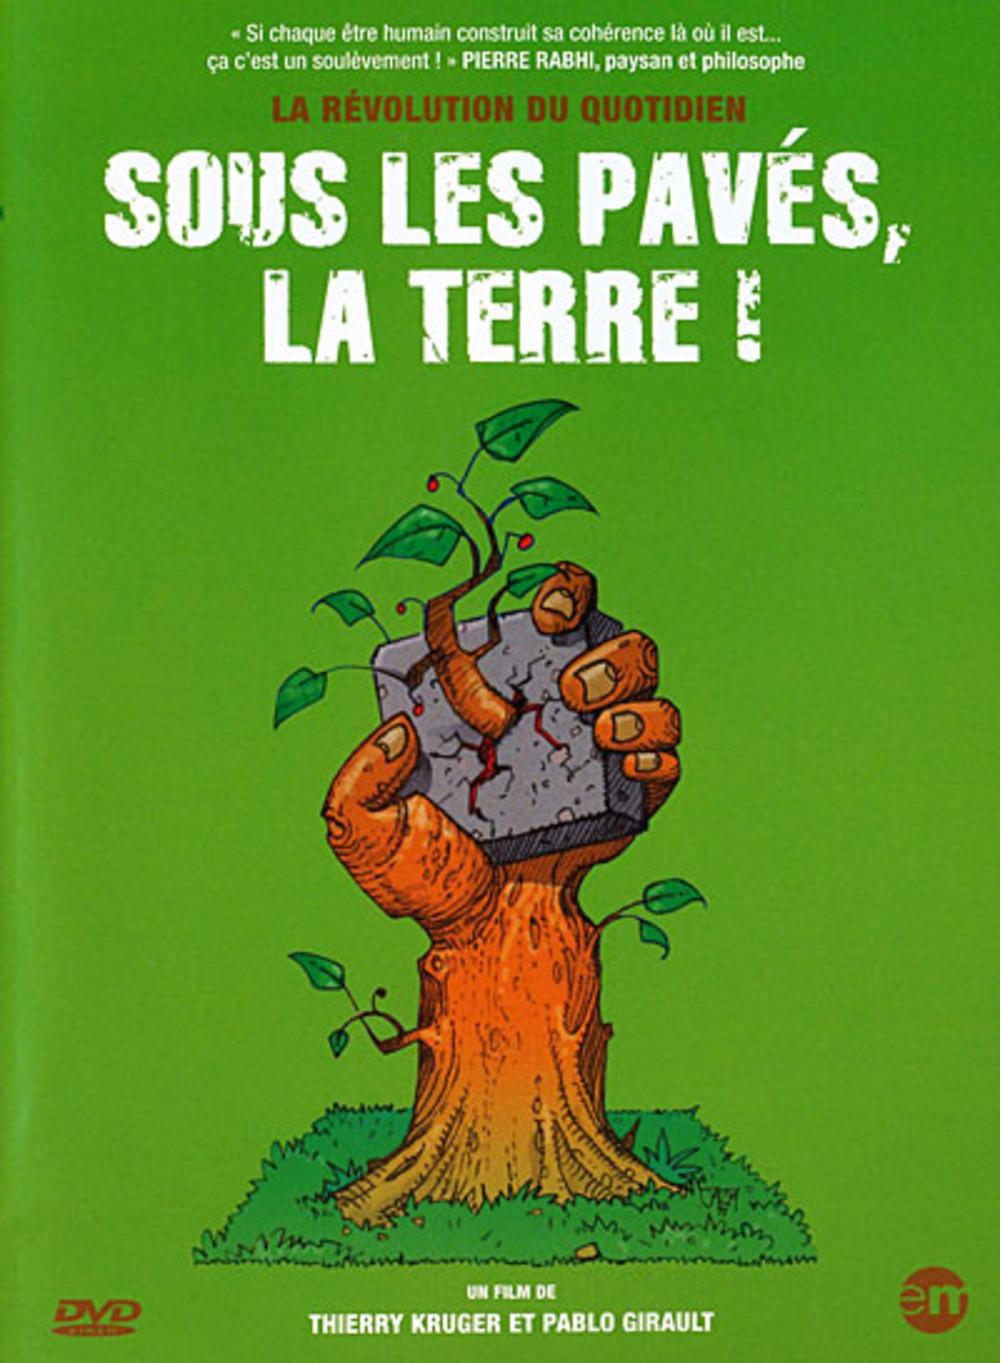 Sous_les_paves_la_terre